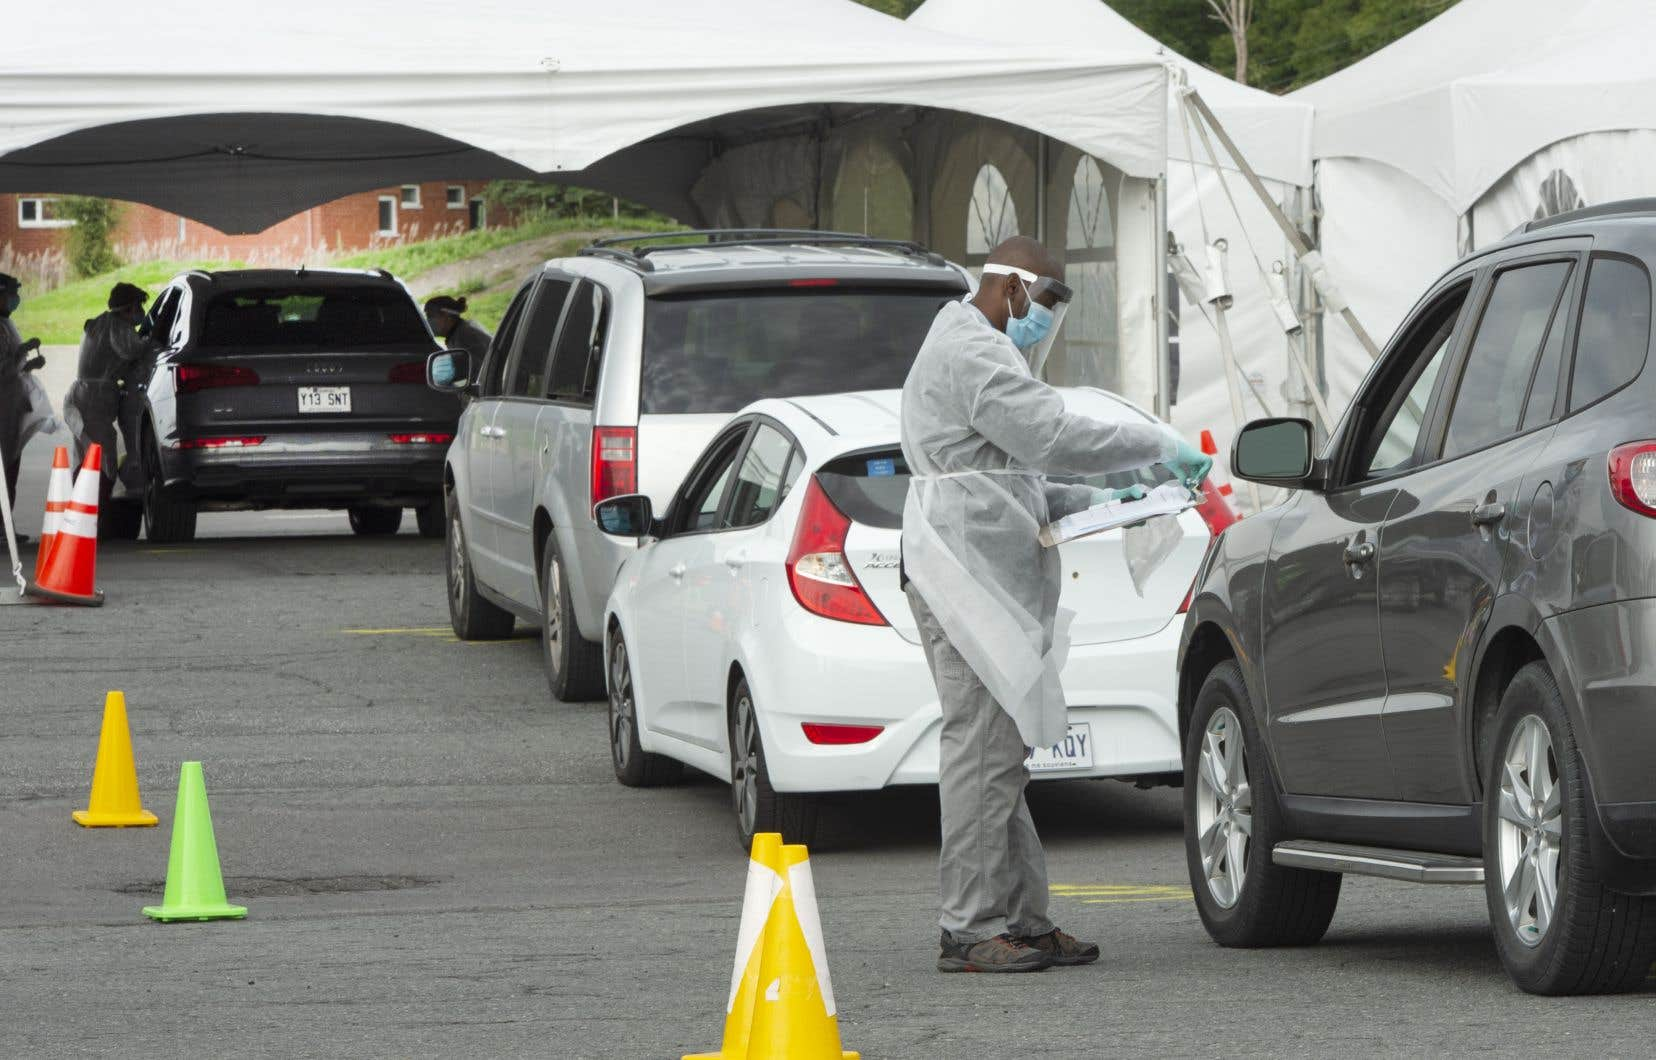 Une cinquième ligne pour les voitures avec une station de dépistage a été ajoutée mercredi, ce qui devrait, selon la gestionnaire, permettre de dépister au moins 600 personnes par jour.